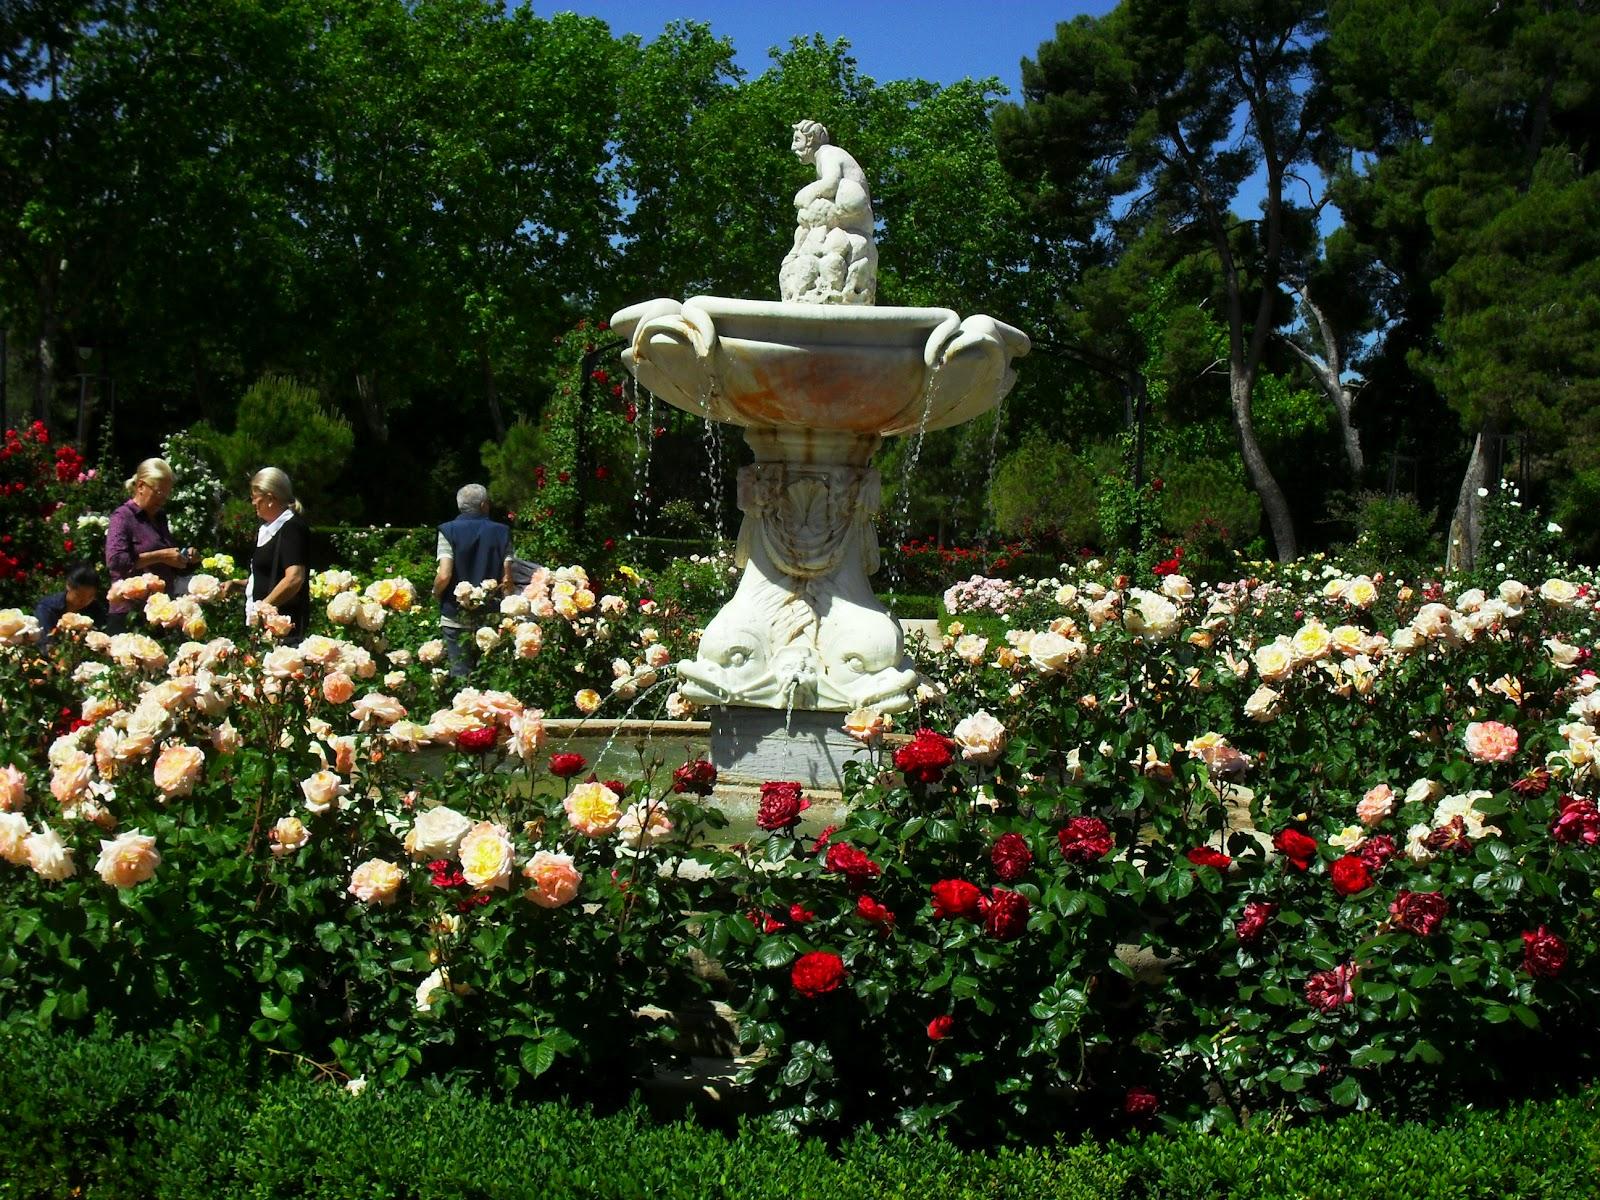 Arte y jardiner a el jard n de rosas - Cosas para jardin ...